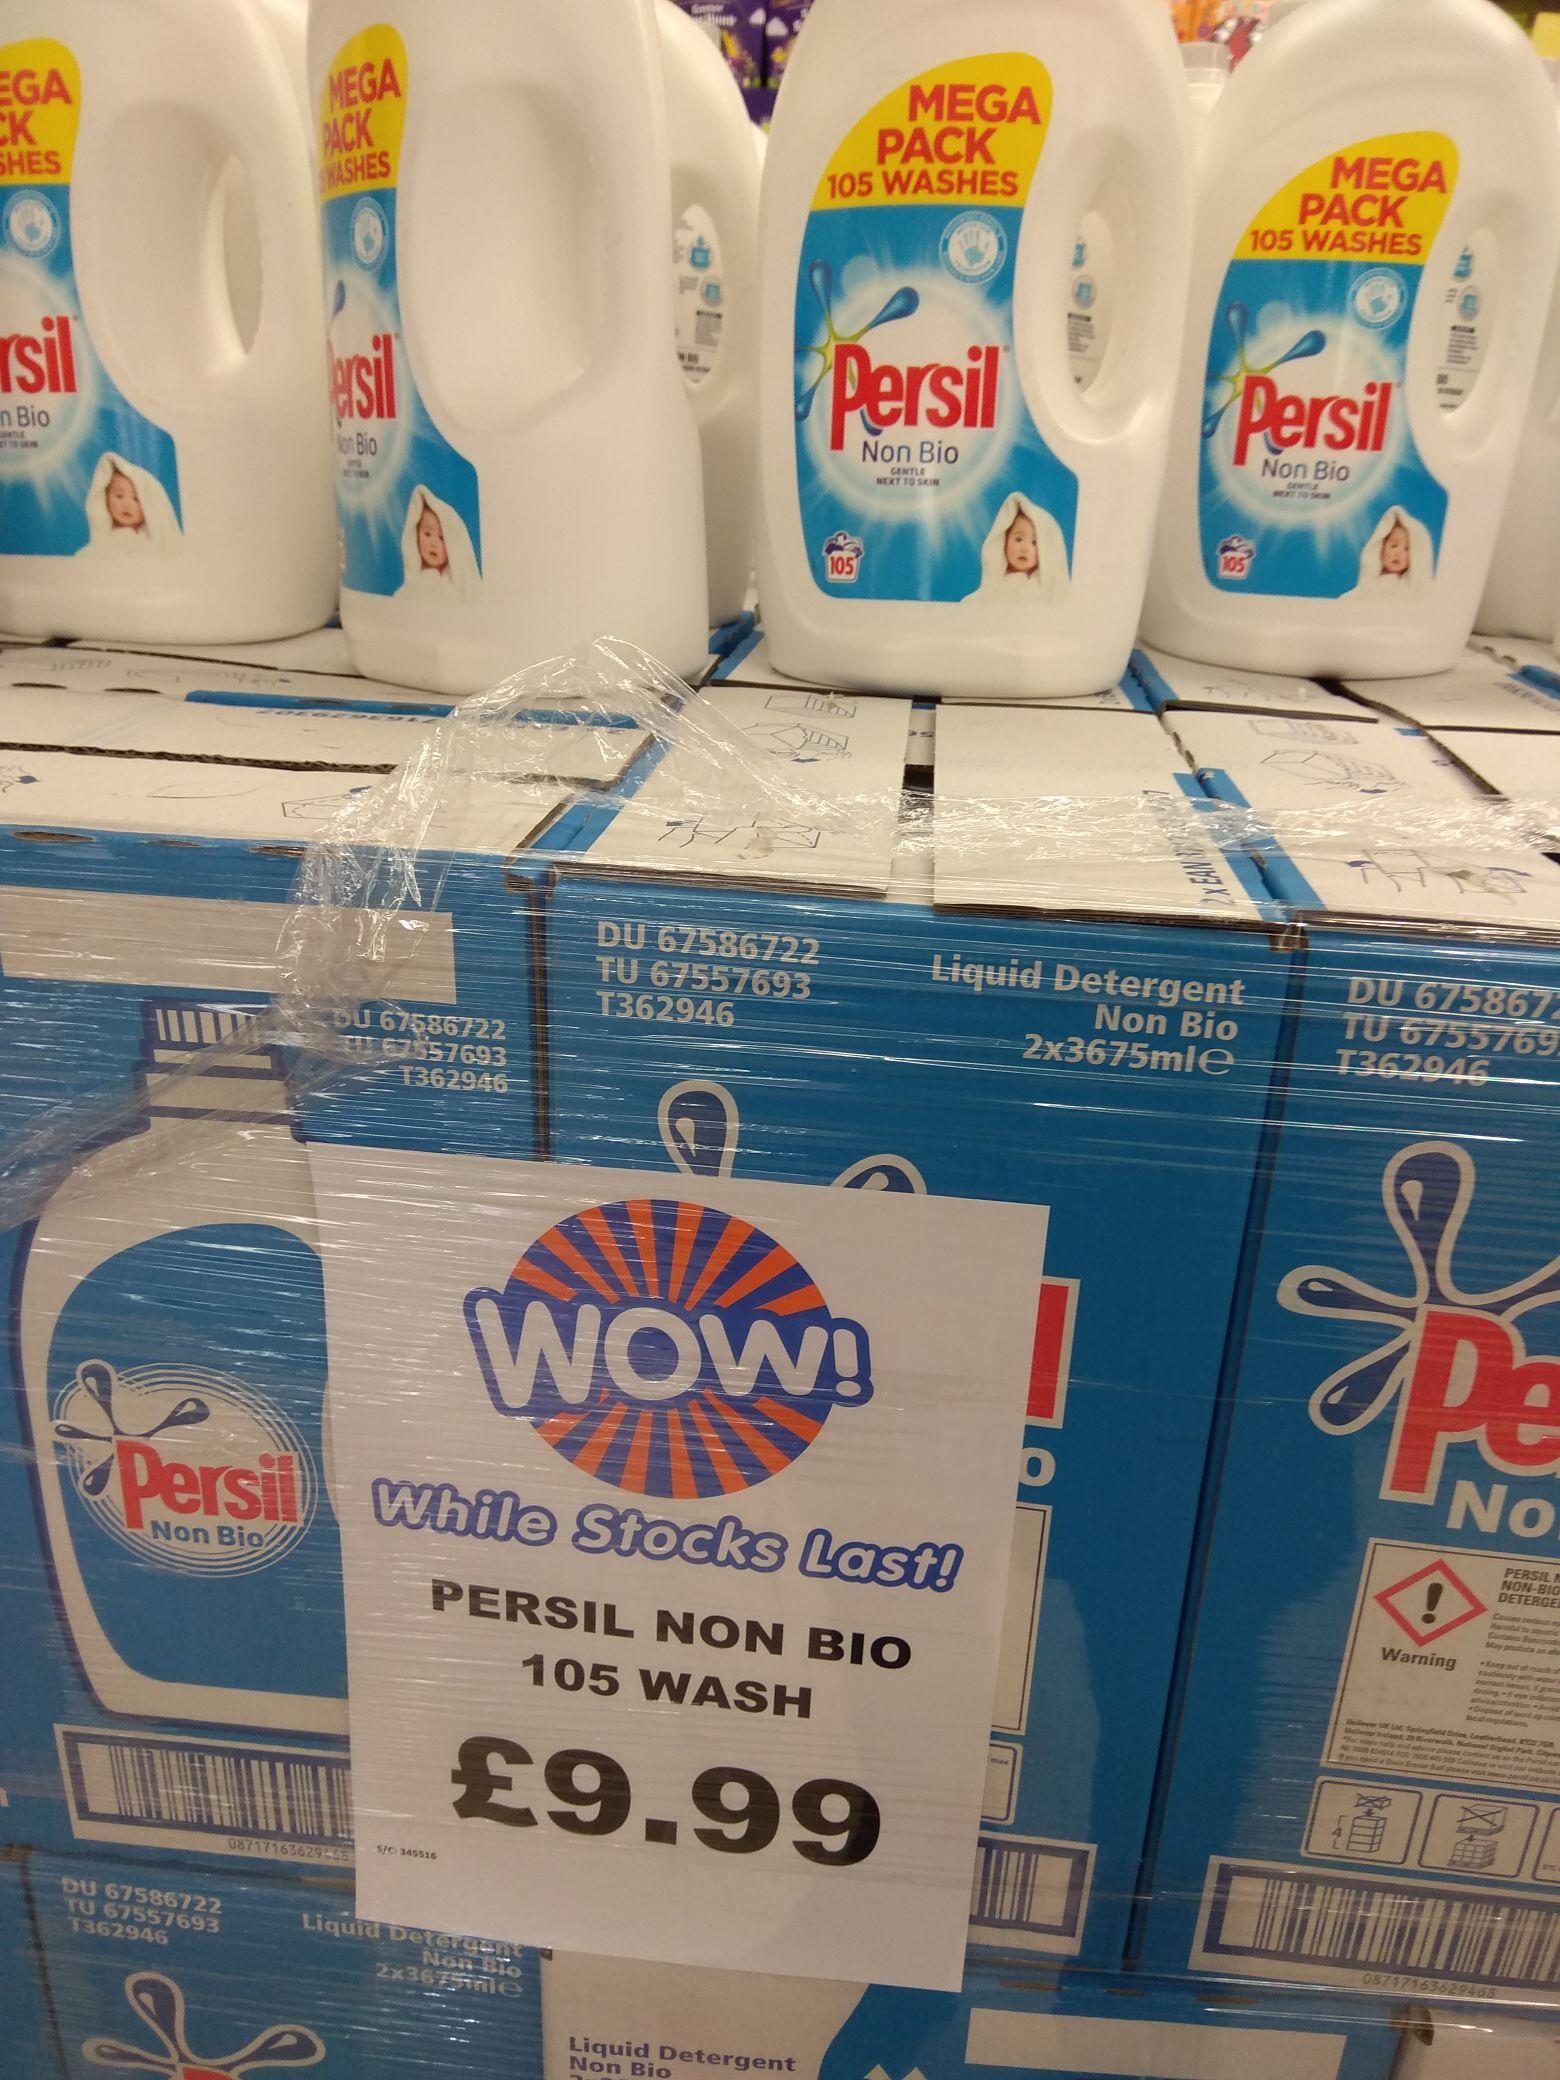 Persil Non Bio Liquid Detergent 105 Washes Mega Pack - £9.99 Instore @ B&M